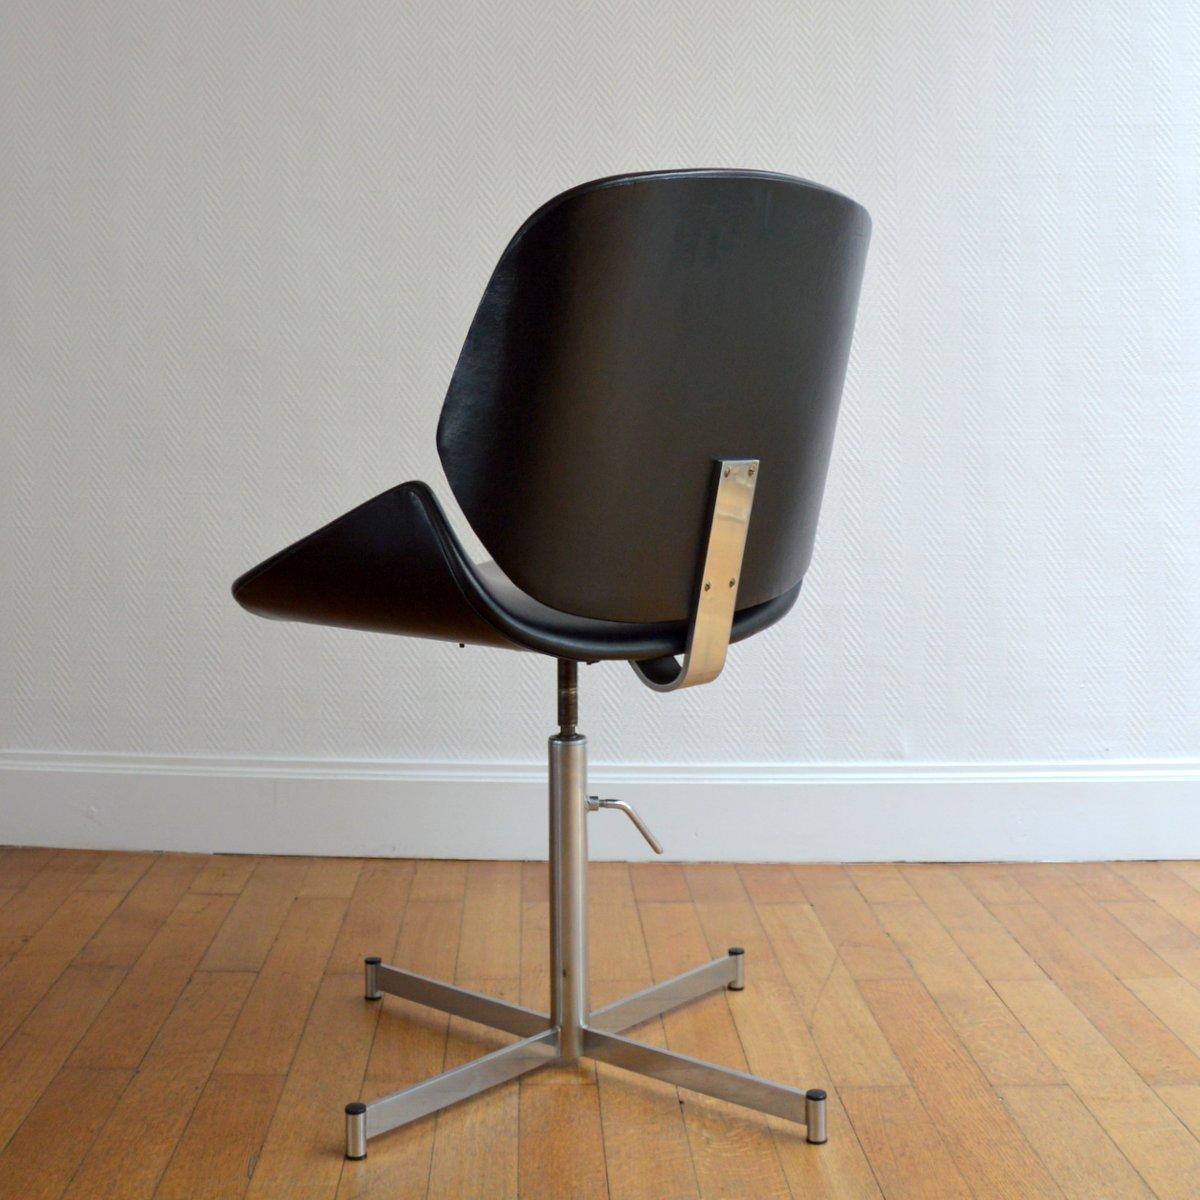 Pivotante 1960s Design Fauteuil Bureau Chaise De zVpqSMjLUG